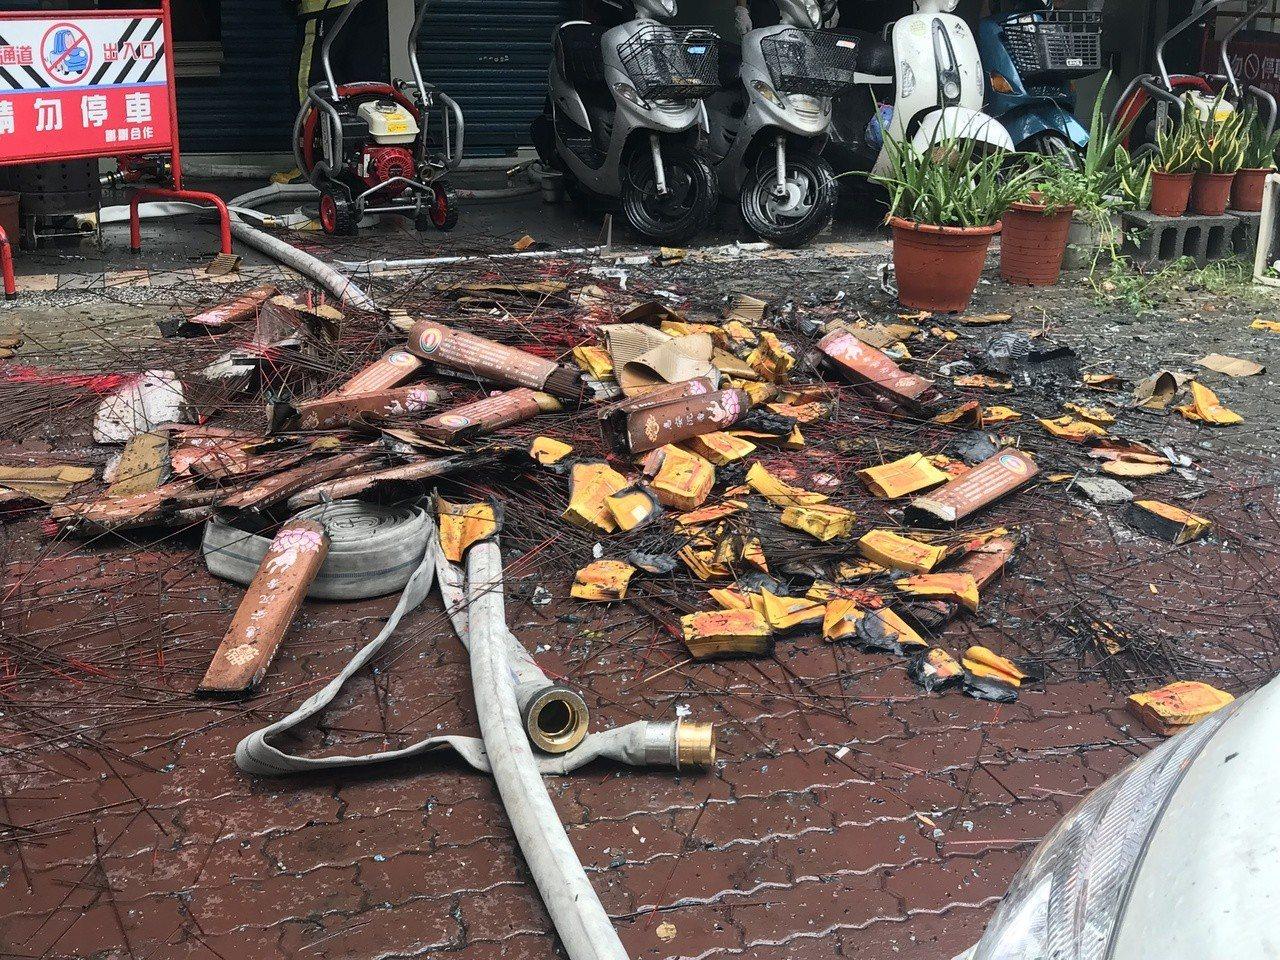 現場火勢撲滅,地上散落線香等物品。記者劉星君/攝影